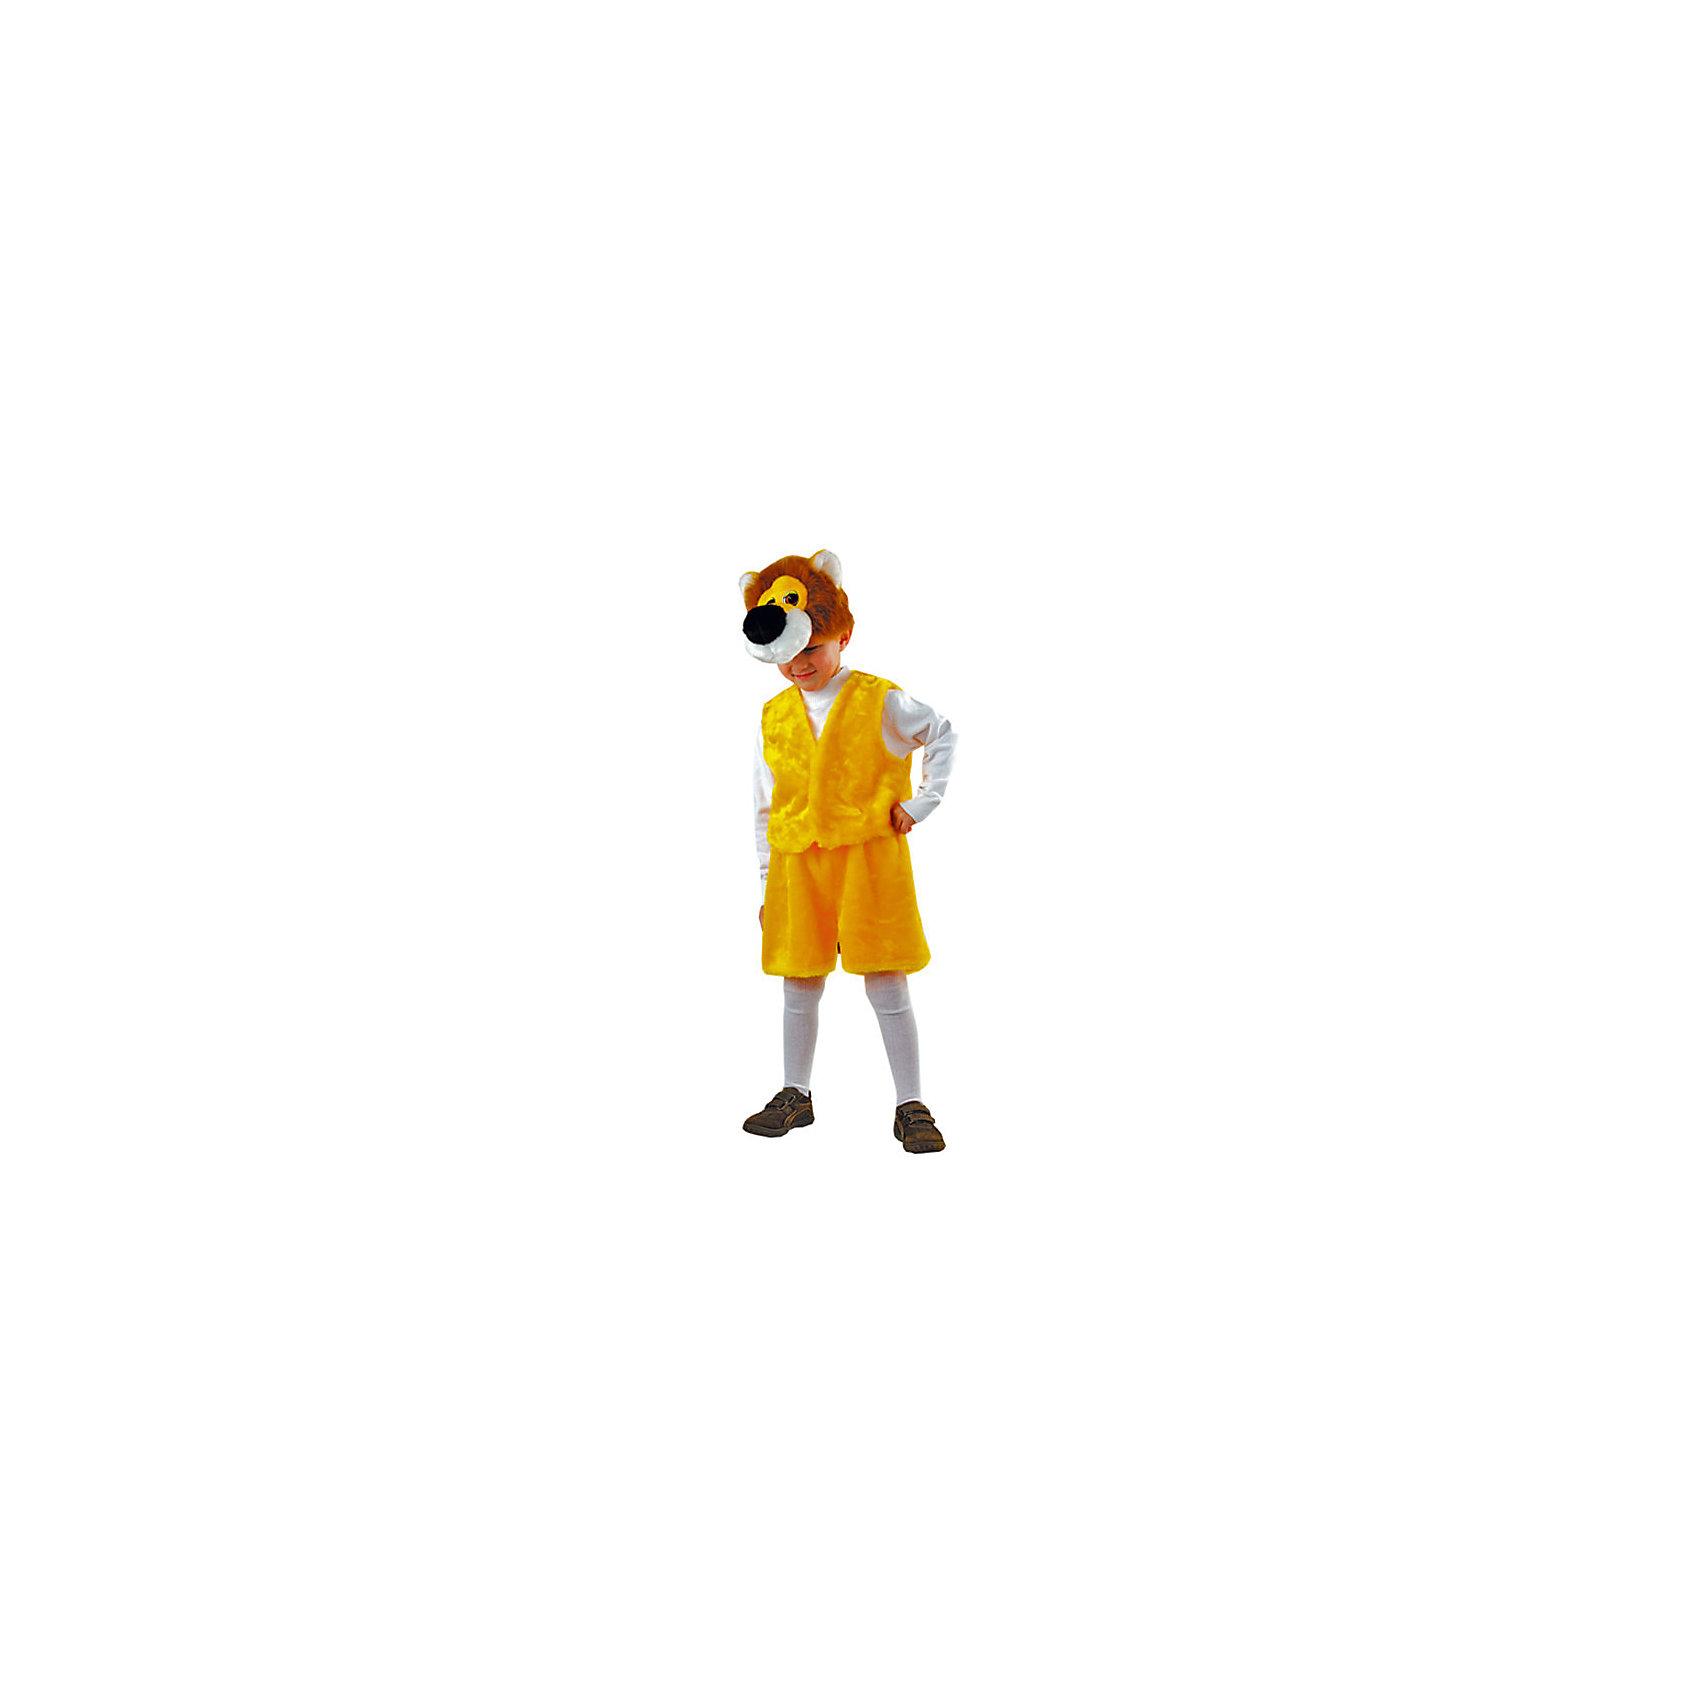 Костюм ЛевКарнавальные костюмы и аксессуары<br>Характеристики товара:<br><br>• цвет: желтый<br>• комплектация: головной убор, жилет<br>• материал: текстиль, полиэстер, пластик<br>• размер упаковки: 35х10х47 см<br>• упаковка: пакет<br>• возраст: от 3 лет<br>• страна бренда: Российская Федерация<br>• страна изготовитель: Российская Федерация<br><br>Новогодние праздники - отличная возможность перевоплотиться в кого угодно, надев маскарадный костюм. Этот набор позволит ребенку мгновенно превратиться в симпатичного льва!<br>Он состоит из двух предметов, которые подойдут дошкольникам и младшим школьникам - размер универсален. Изделия удобно сидят и позволяют ребенку наслаждаться праздником или принимать участие в постановке. Модель хорошо проработана, сшита из качественных и проверенных материалов, которые безопасны для детей.<br><br>Костюм Лев можно купить в нашем интернет-магазине.<br><br>Ширина мм: 350<br>Глубина мм: 470<br>Высота мм: 100<br>Вес г: 170<br>Возраст от месяцев: 36<br>Возраст до месяцев: 96<br>Пол: Мужской<br>Возраст: Детский<br>SKU: 5177194